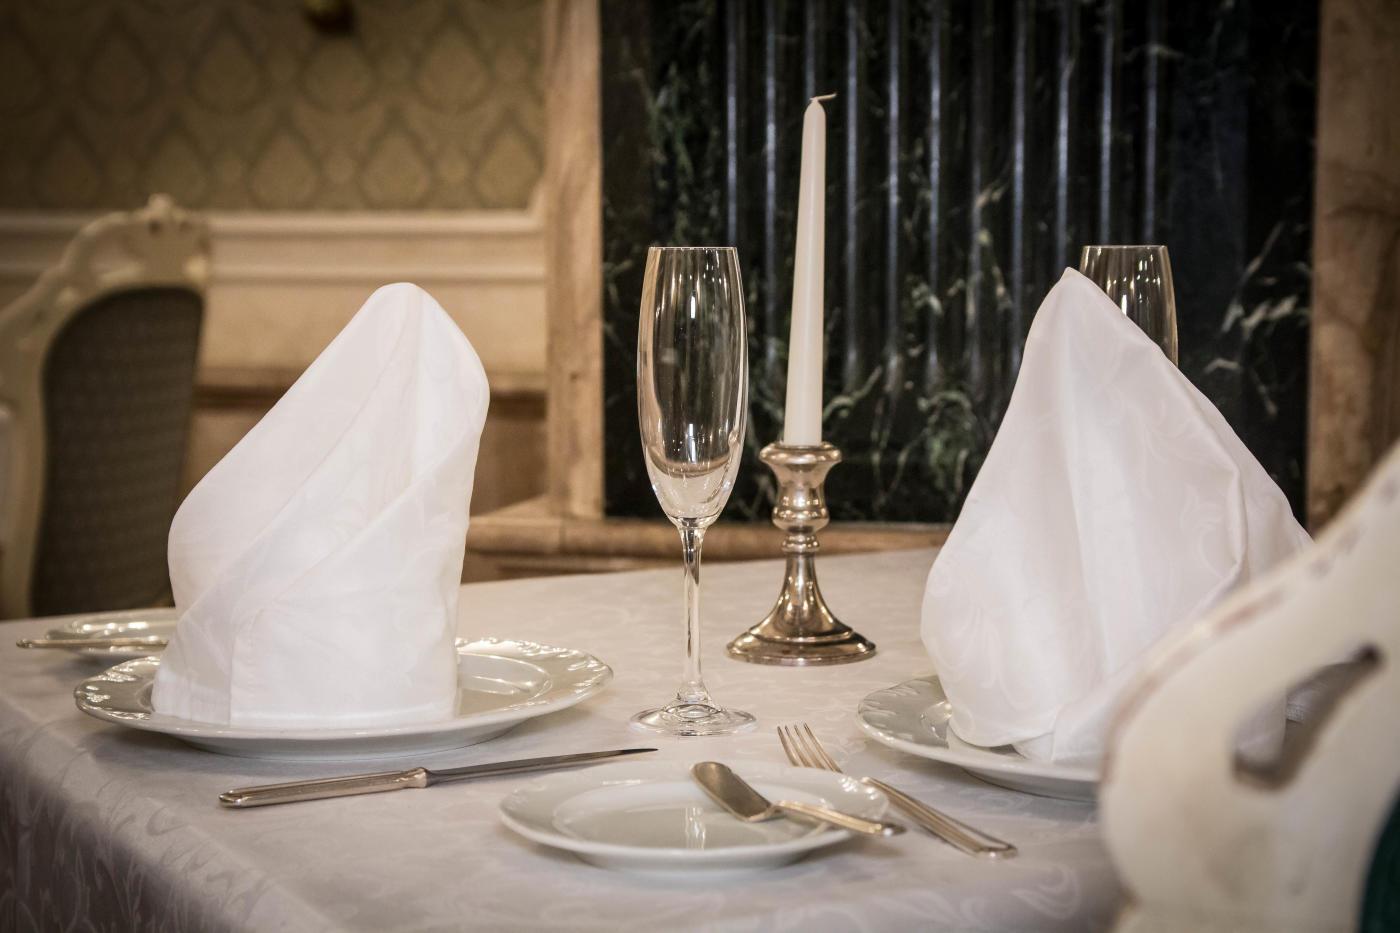 Ресторан Ривьера (Riviere) фото 24